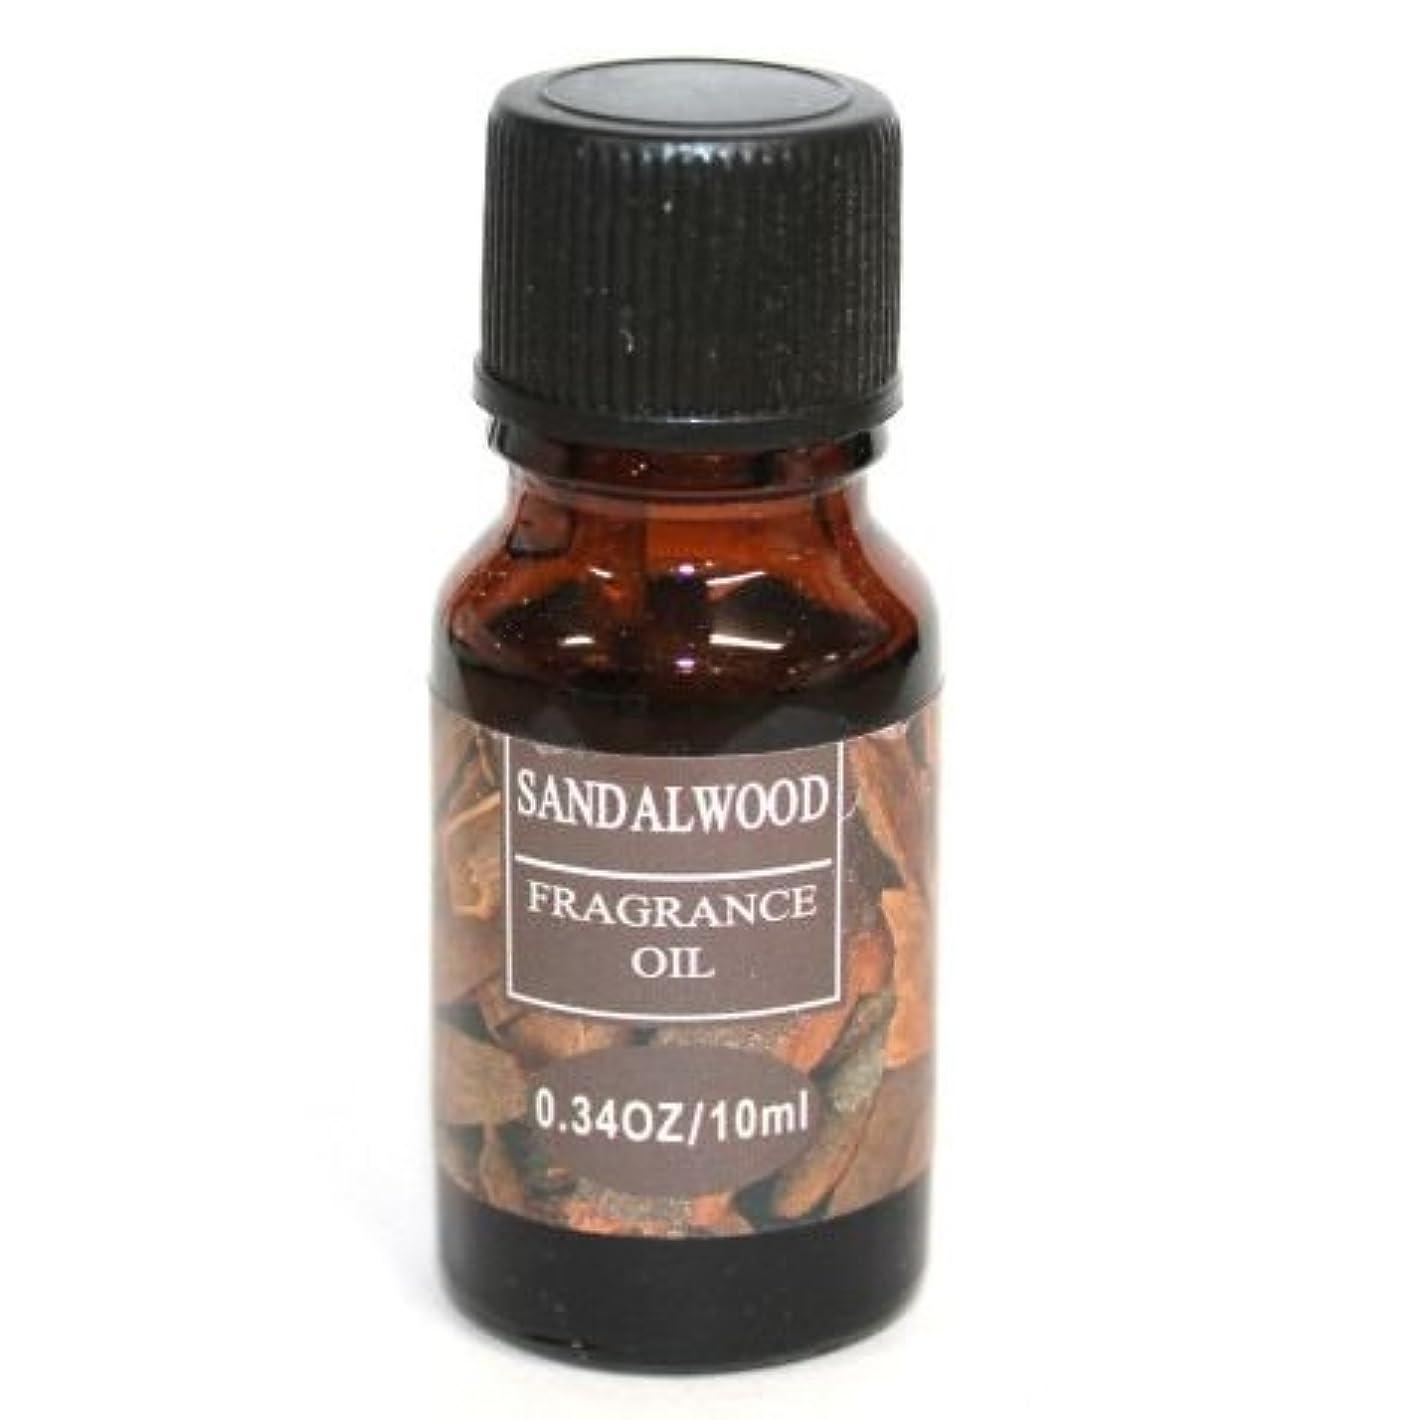 薄い許可するブロンズRELAXING アロマオイル フレグランスオイル サンダルウッドの香り ビャクダン (白檀) RQ-03